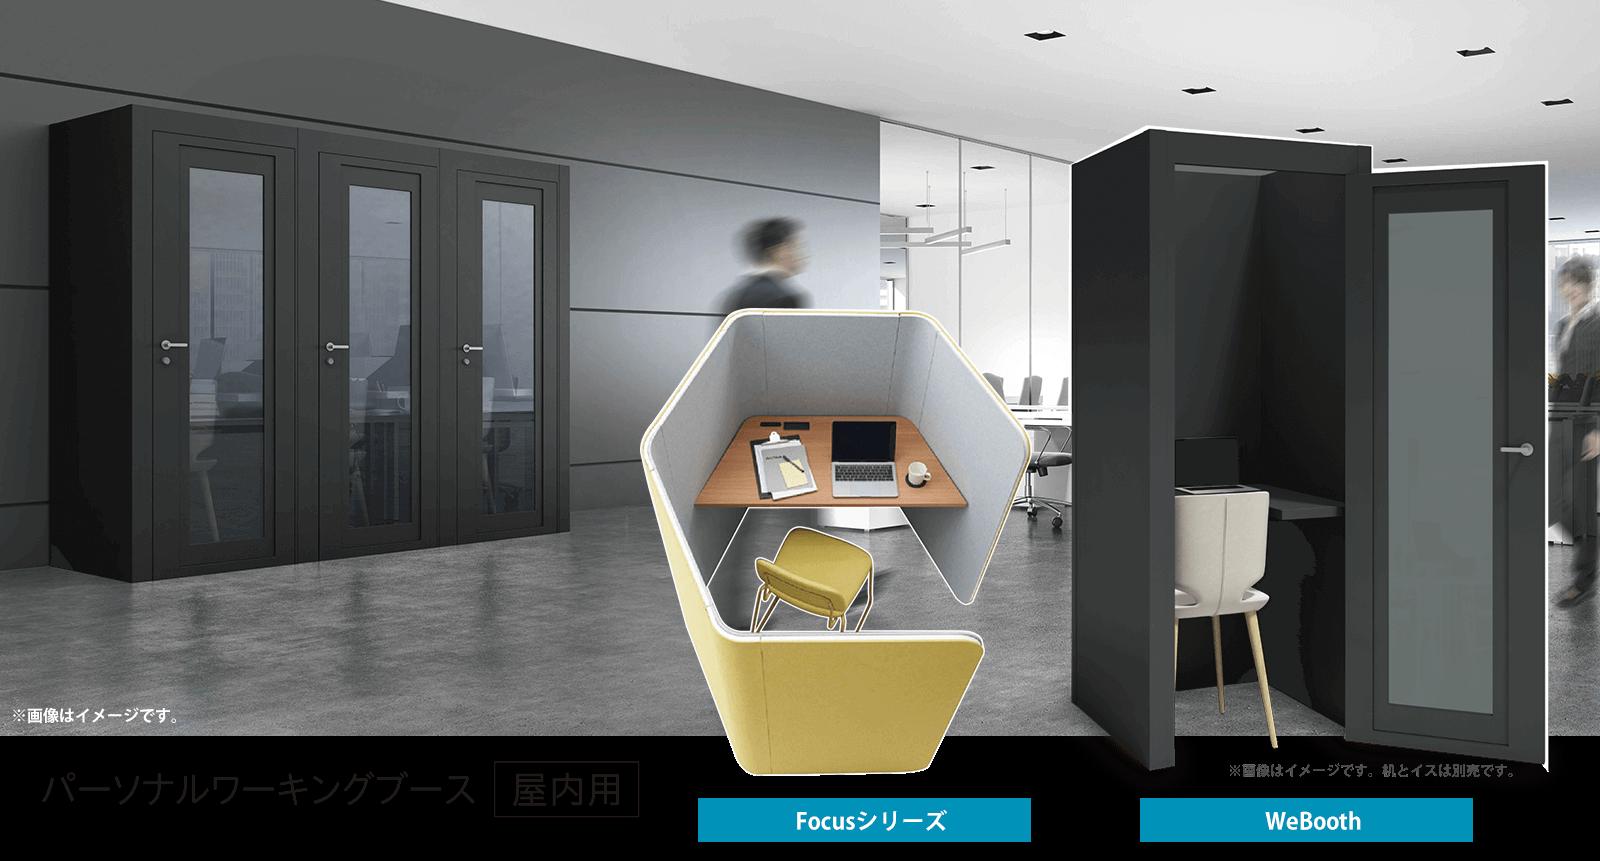 アイリスオーヤマはフォンブース以外にもプライベート空間を確保するためのアイテム多数